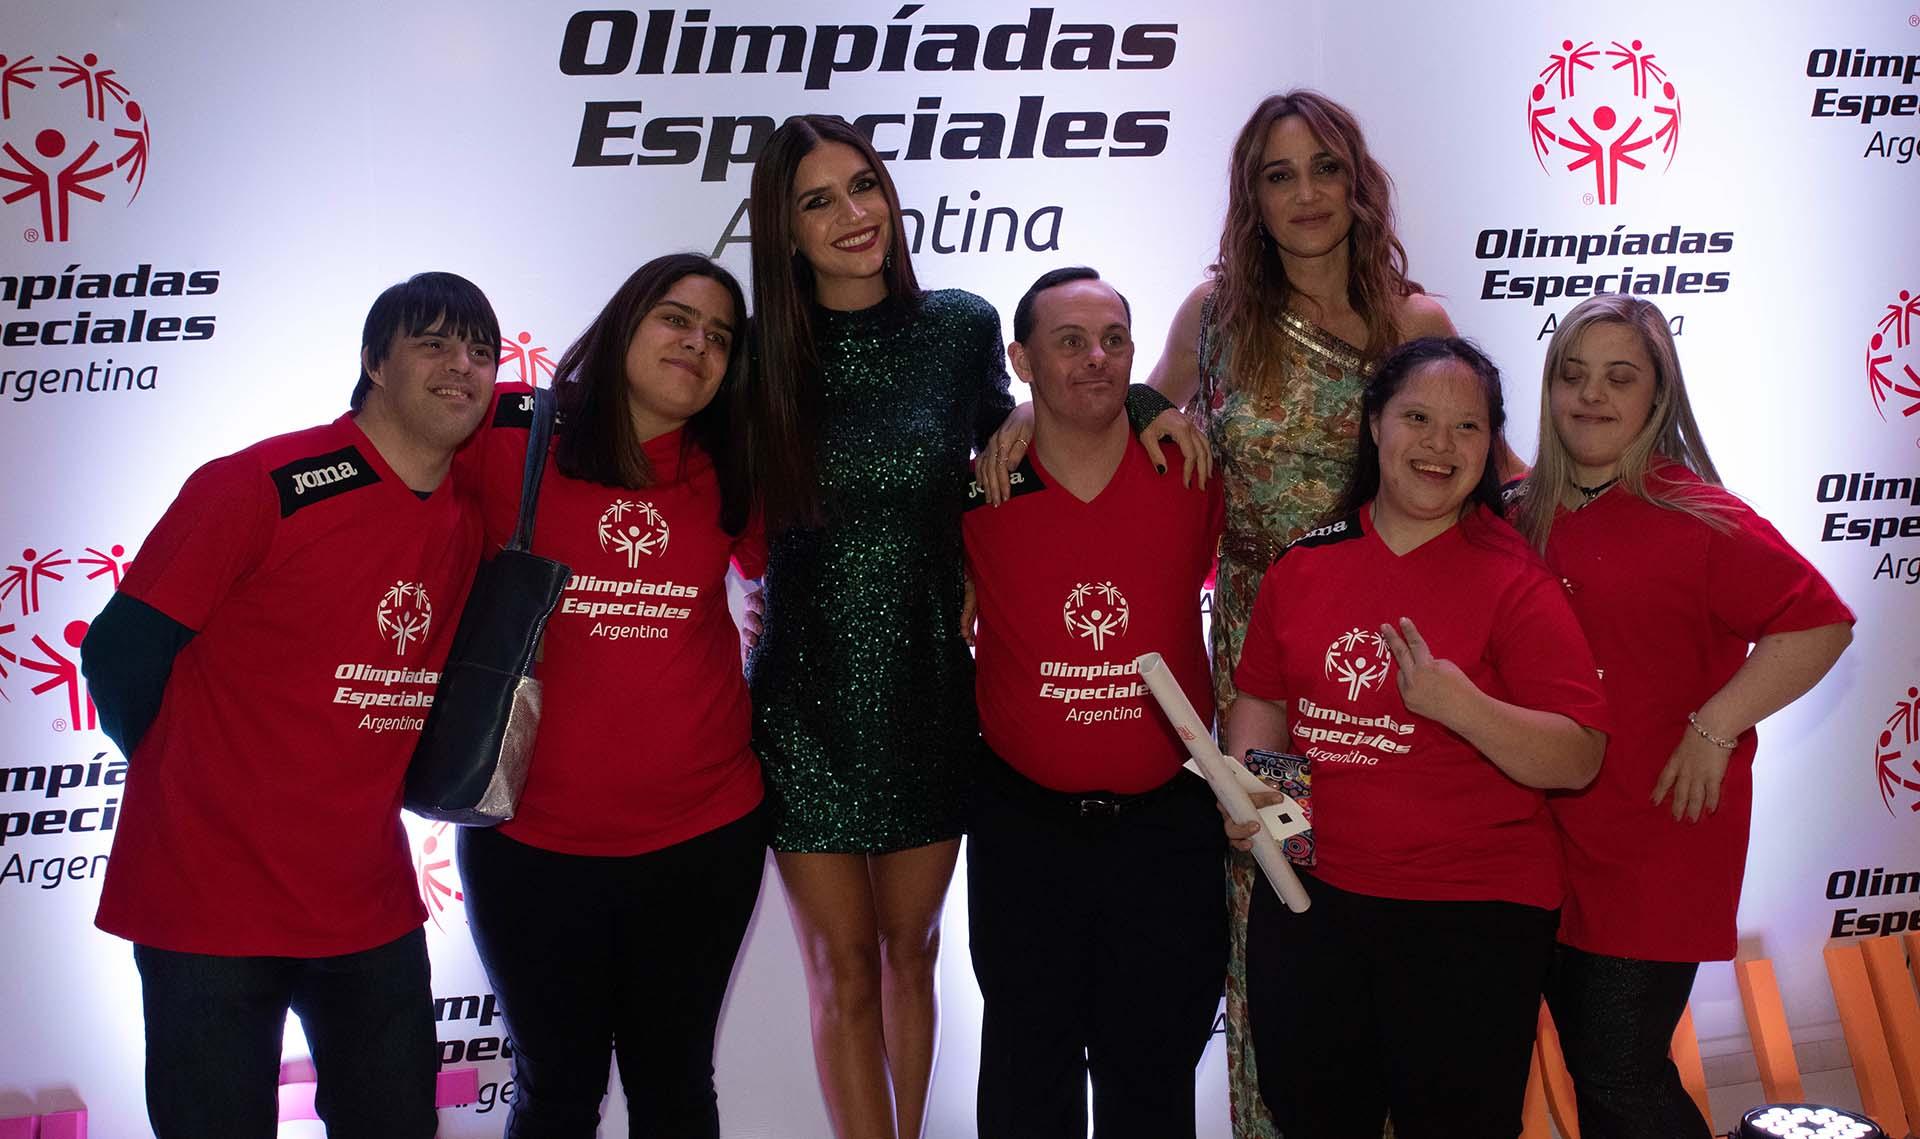 Zaira Nara y Verónica Lozano quien fue la conductora del evento junto con Iván de Pineda, estuvieron en una nueva edición del evento solidario